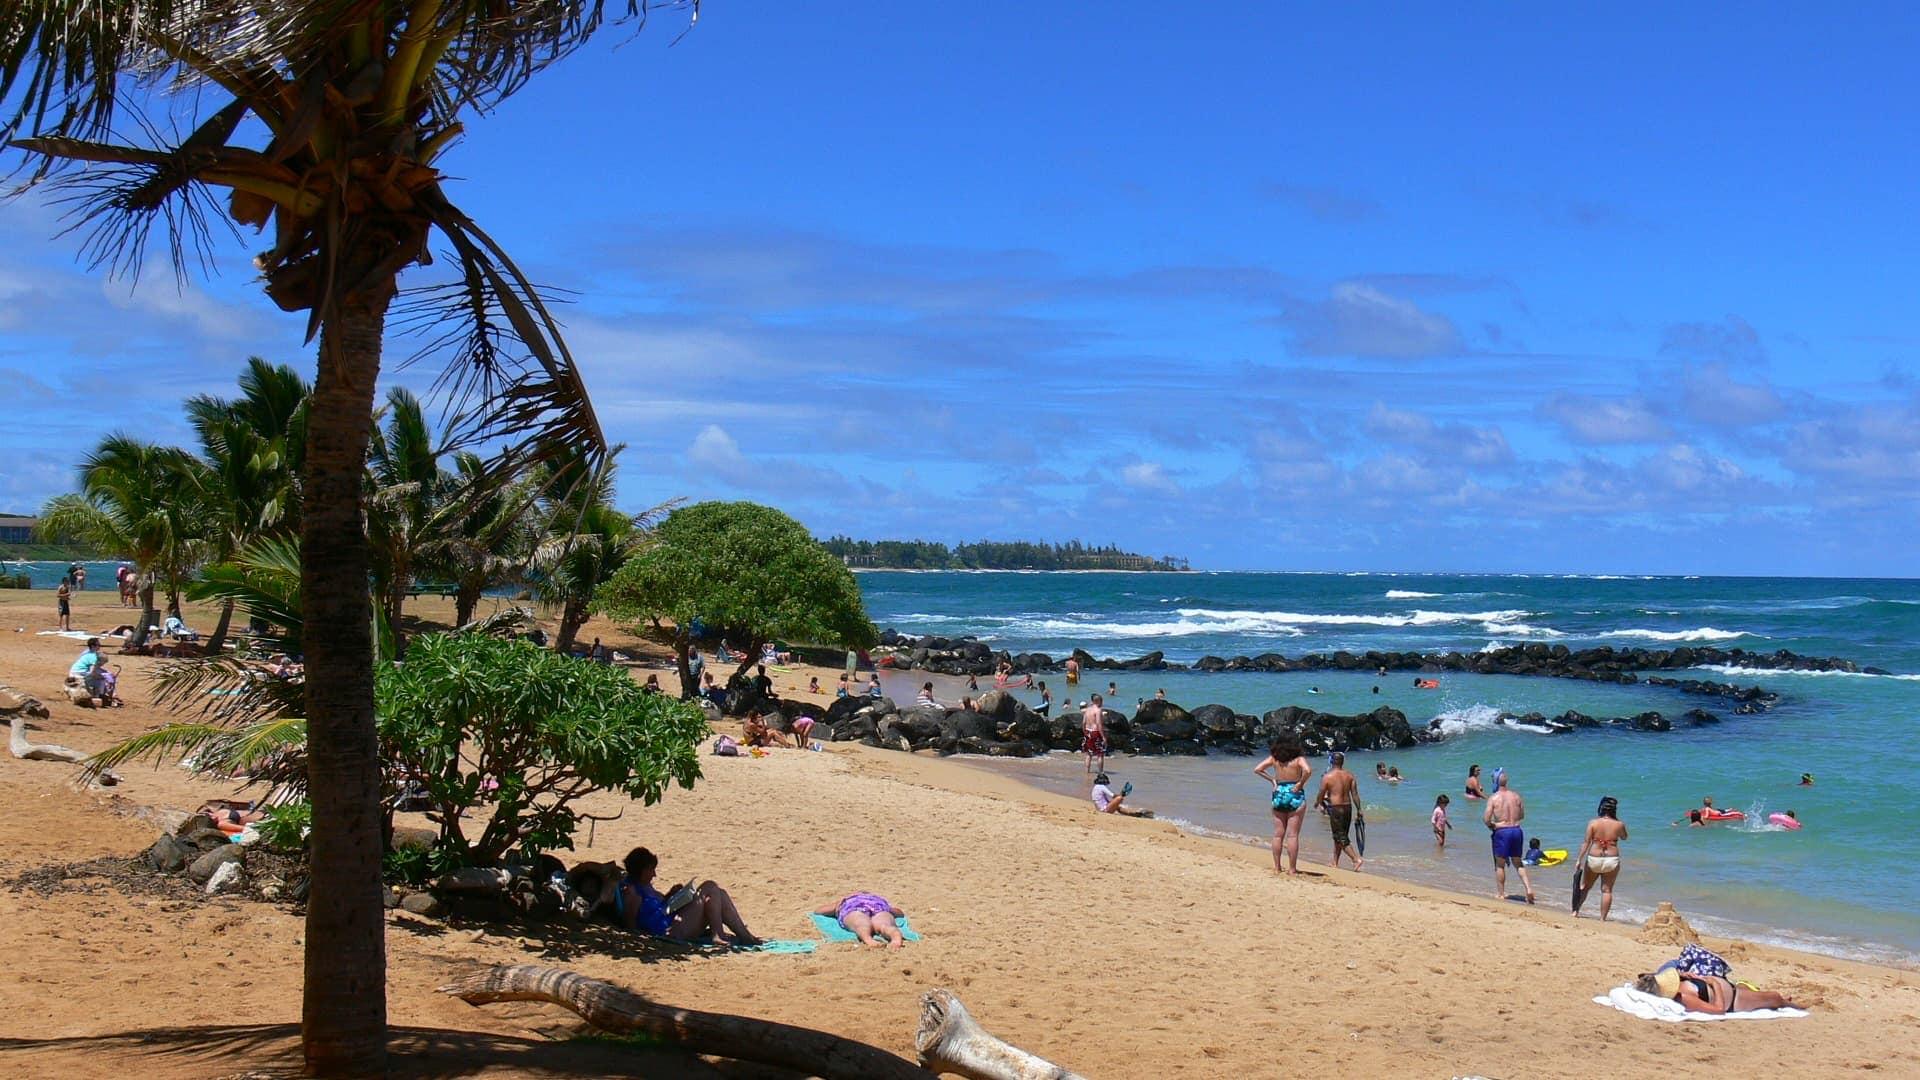 Kauaʻi Snorkeling spots